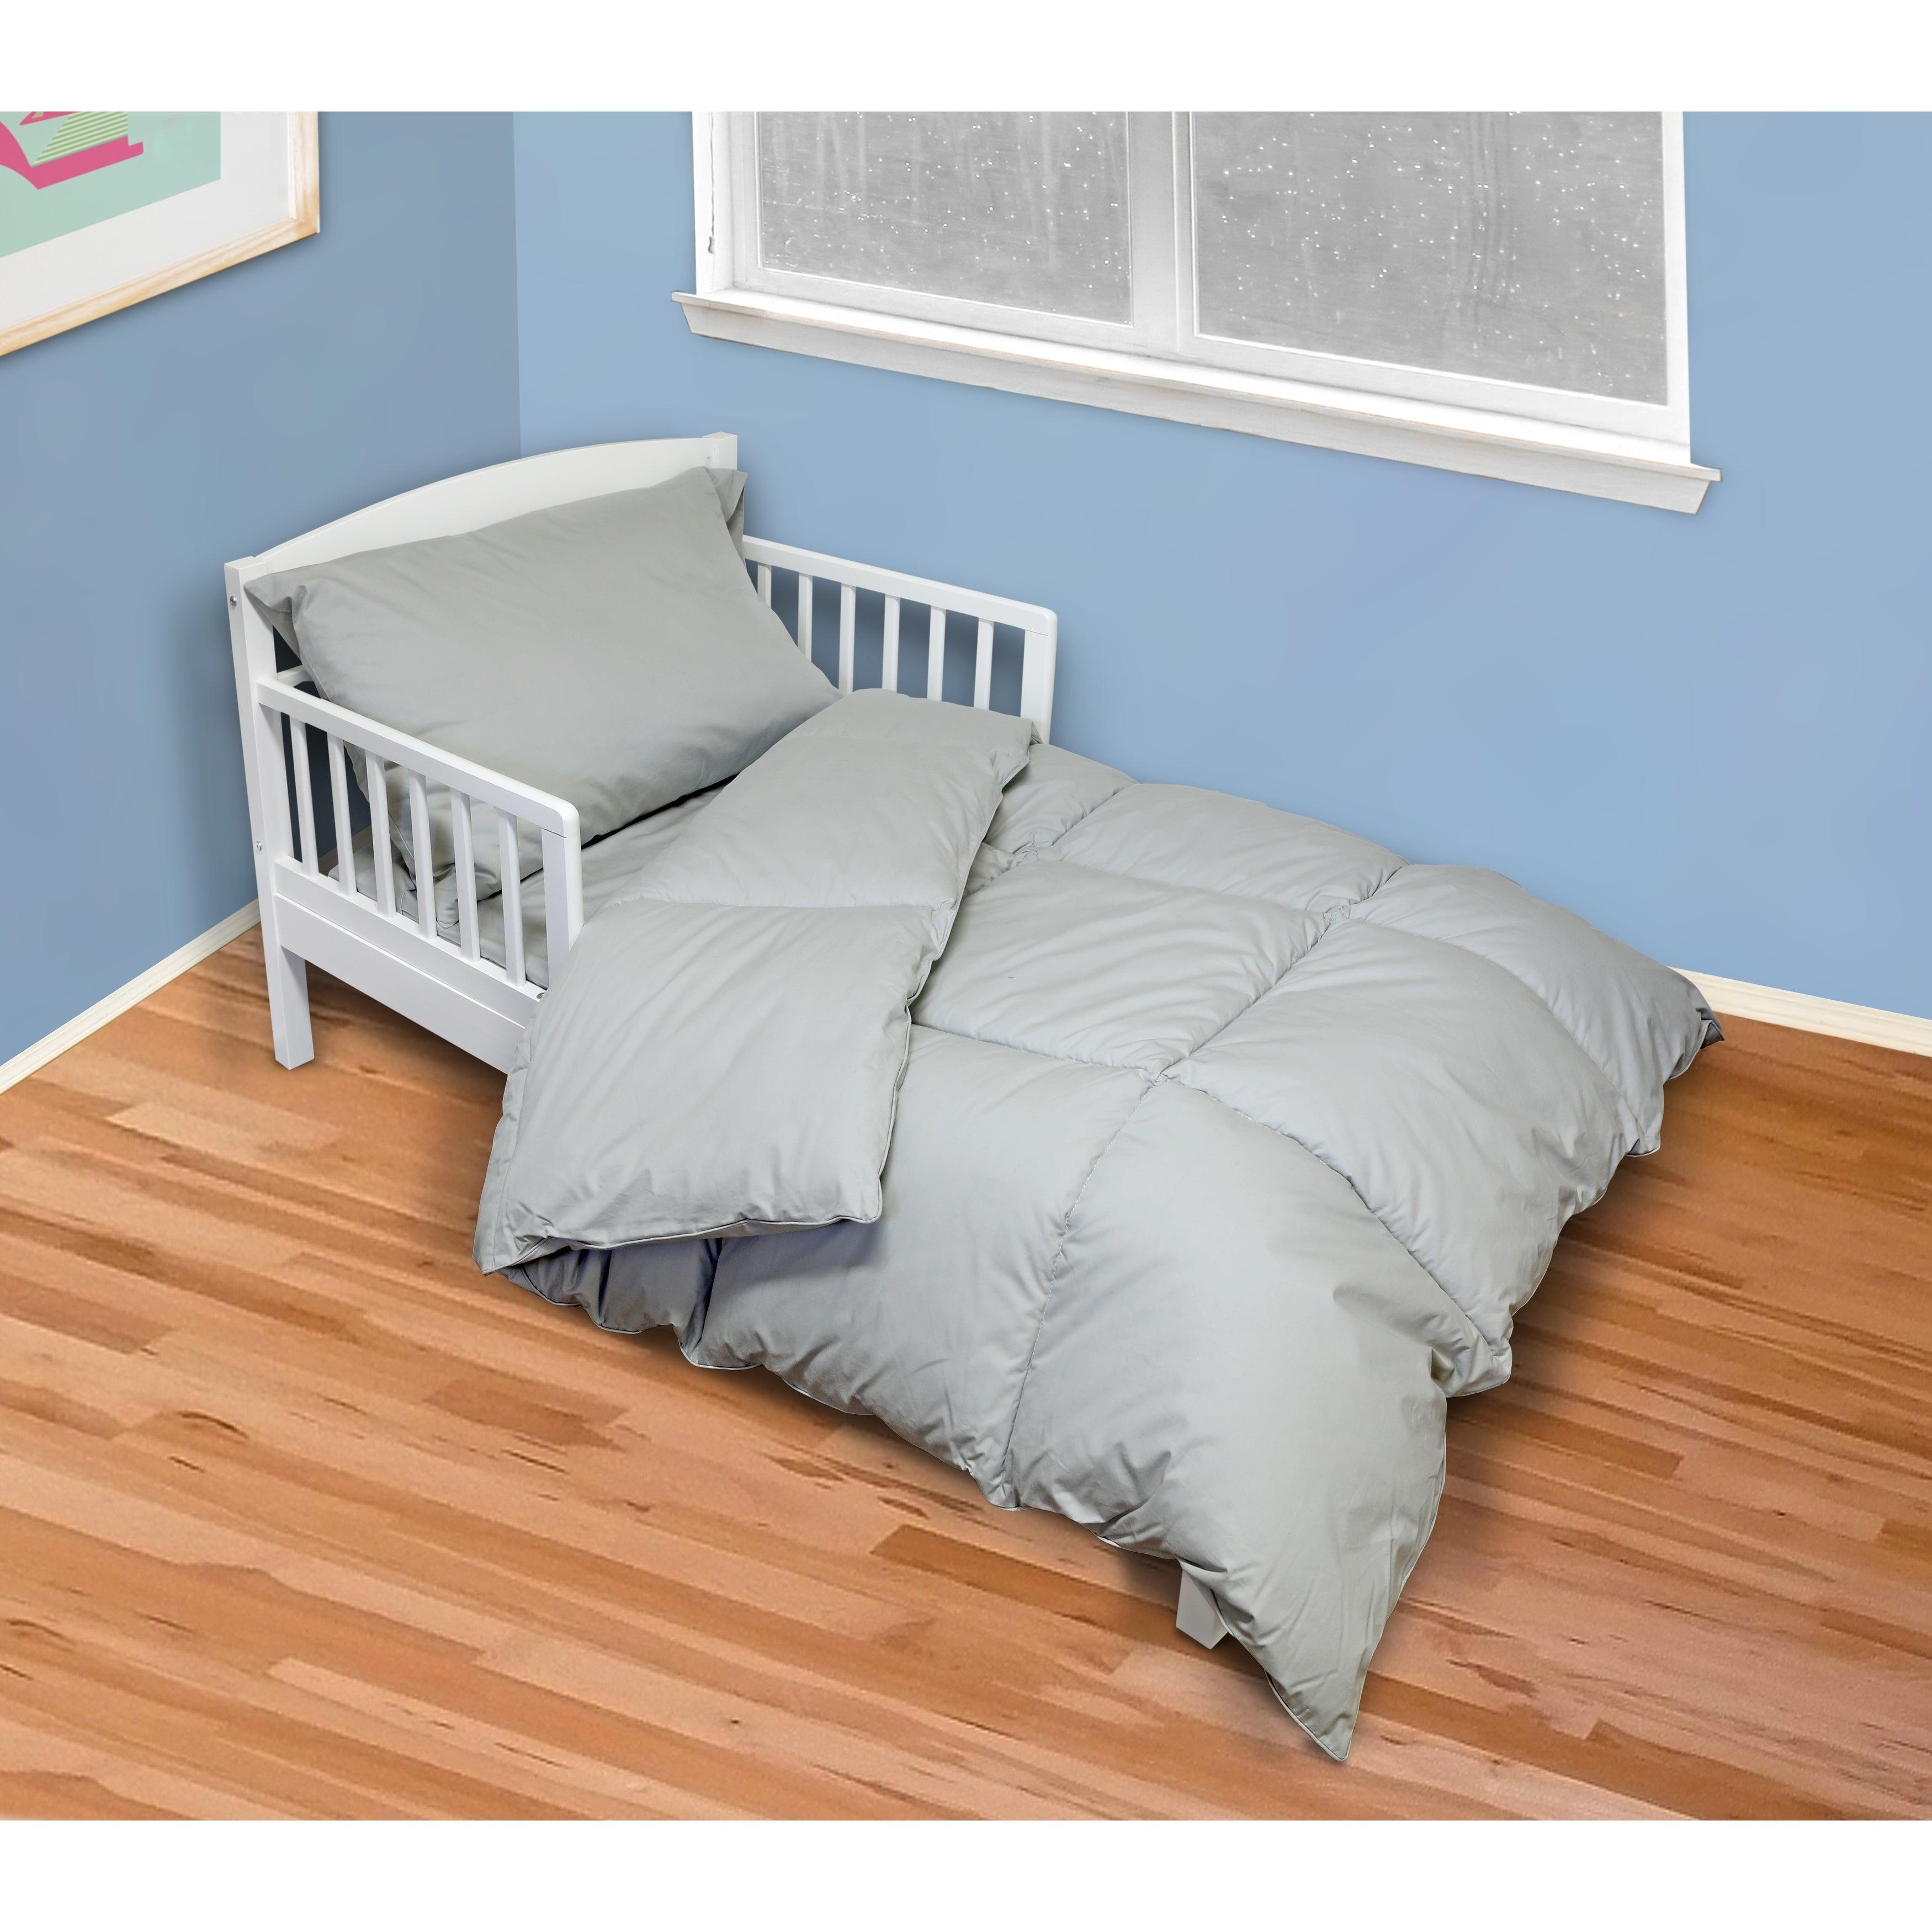 buy kids bedroom sets online at overstockcom our best - HD3500×3500